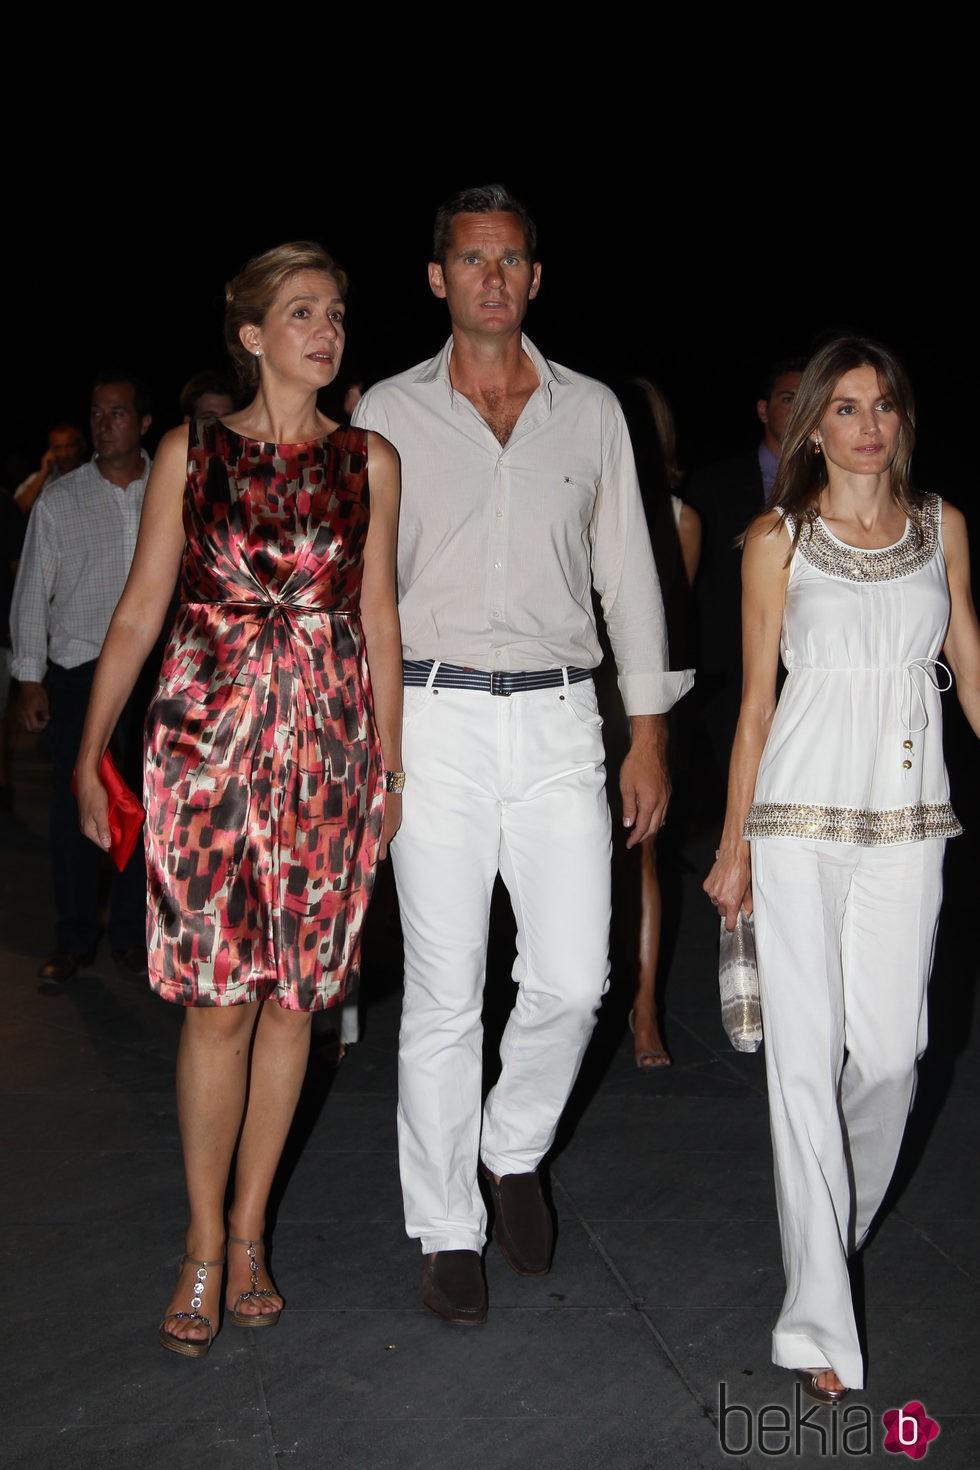 La Infanta Cristina, Iñaki Urdangarín y la Reina Letizia